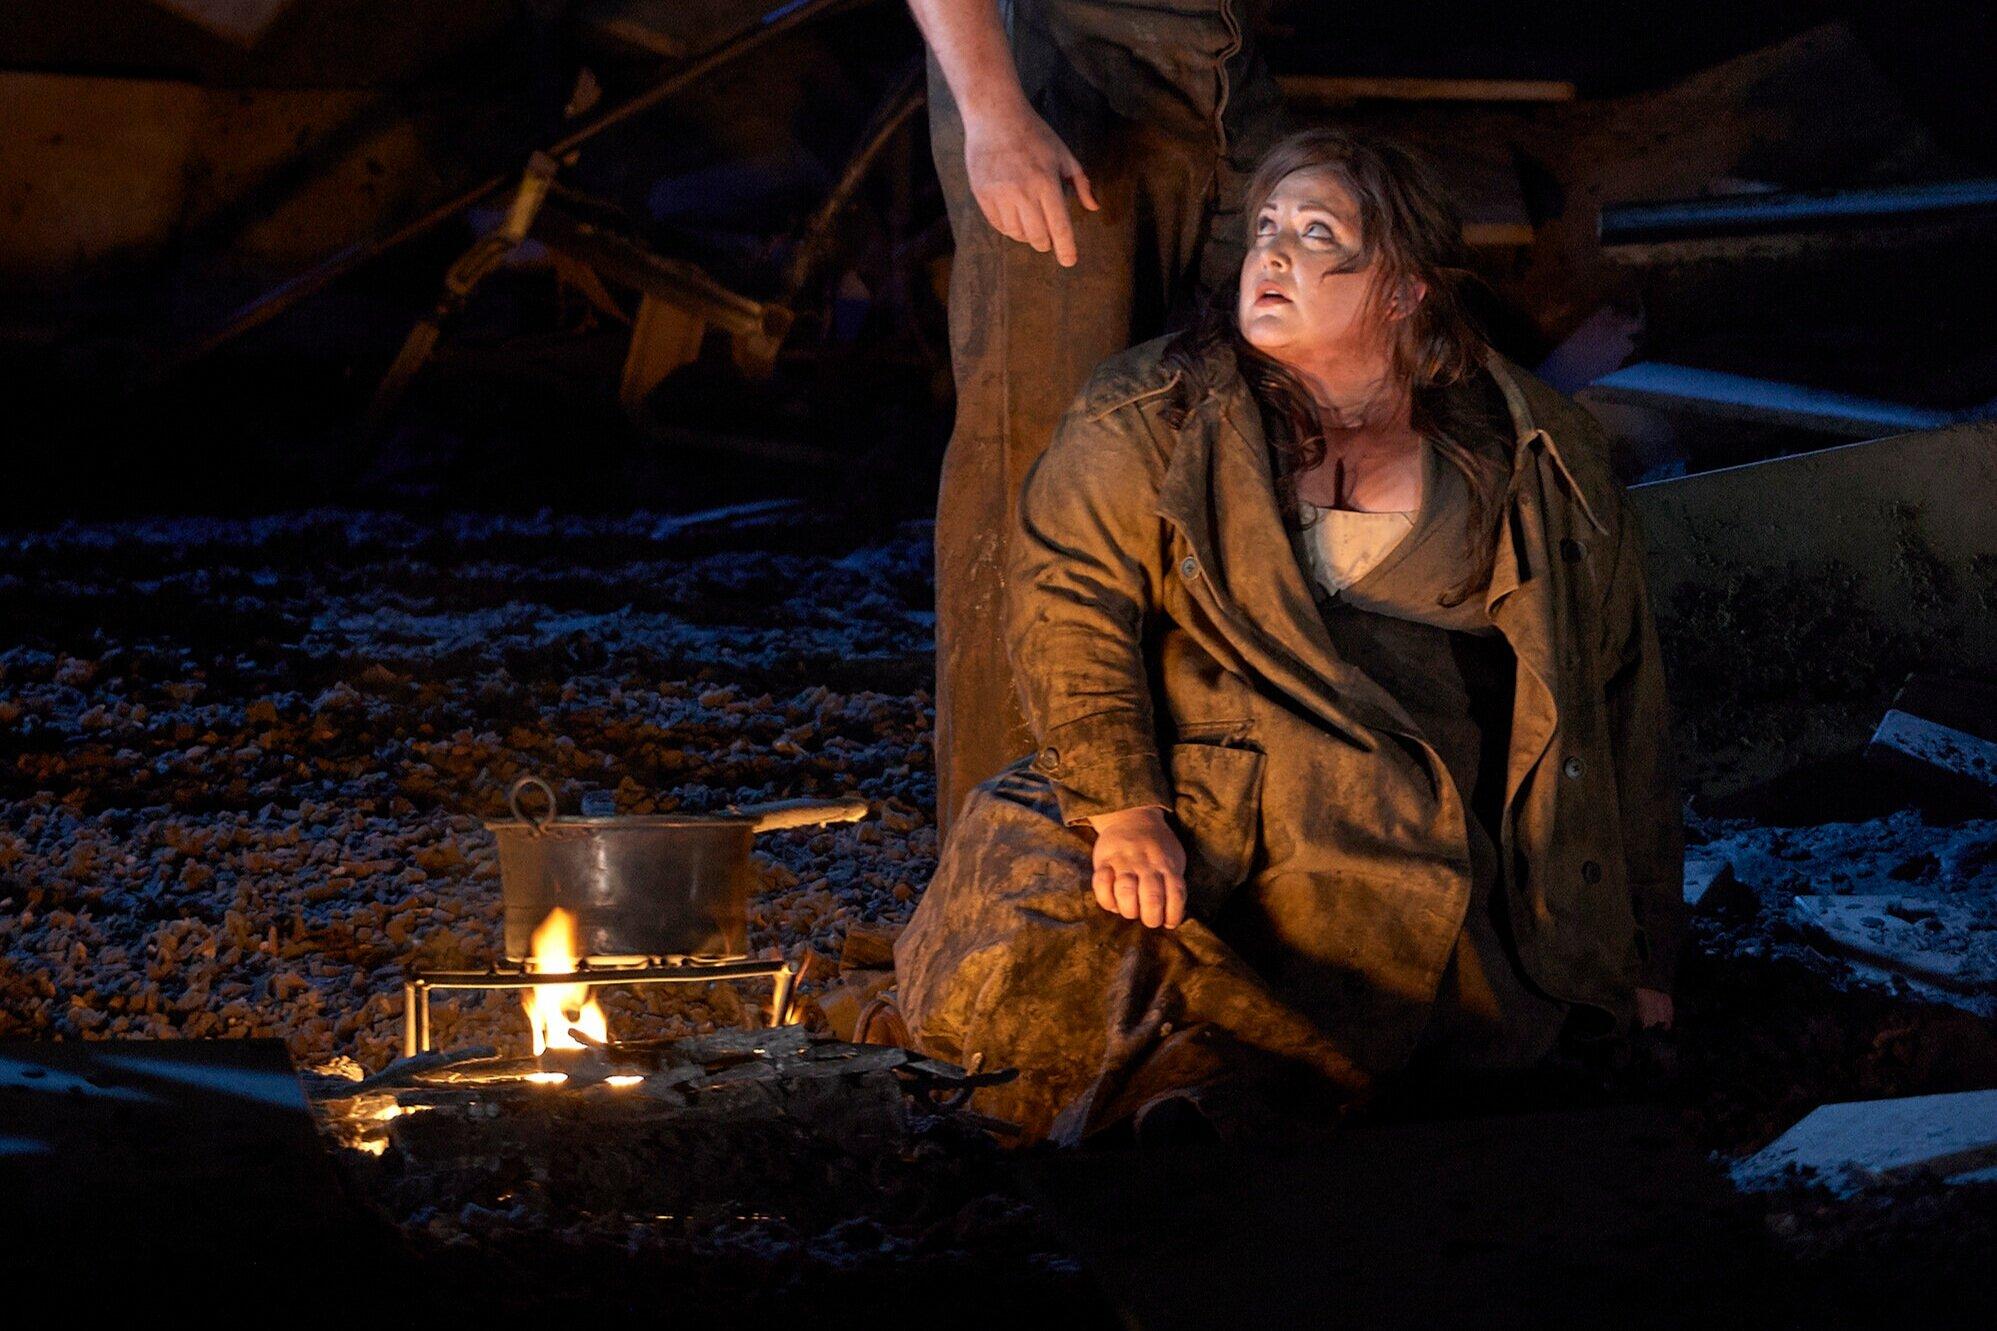 Gertrud in Hänsel und Gretel - Deutsche Oper Berlin15 December 2019 – 5 January 2020